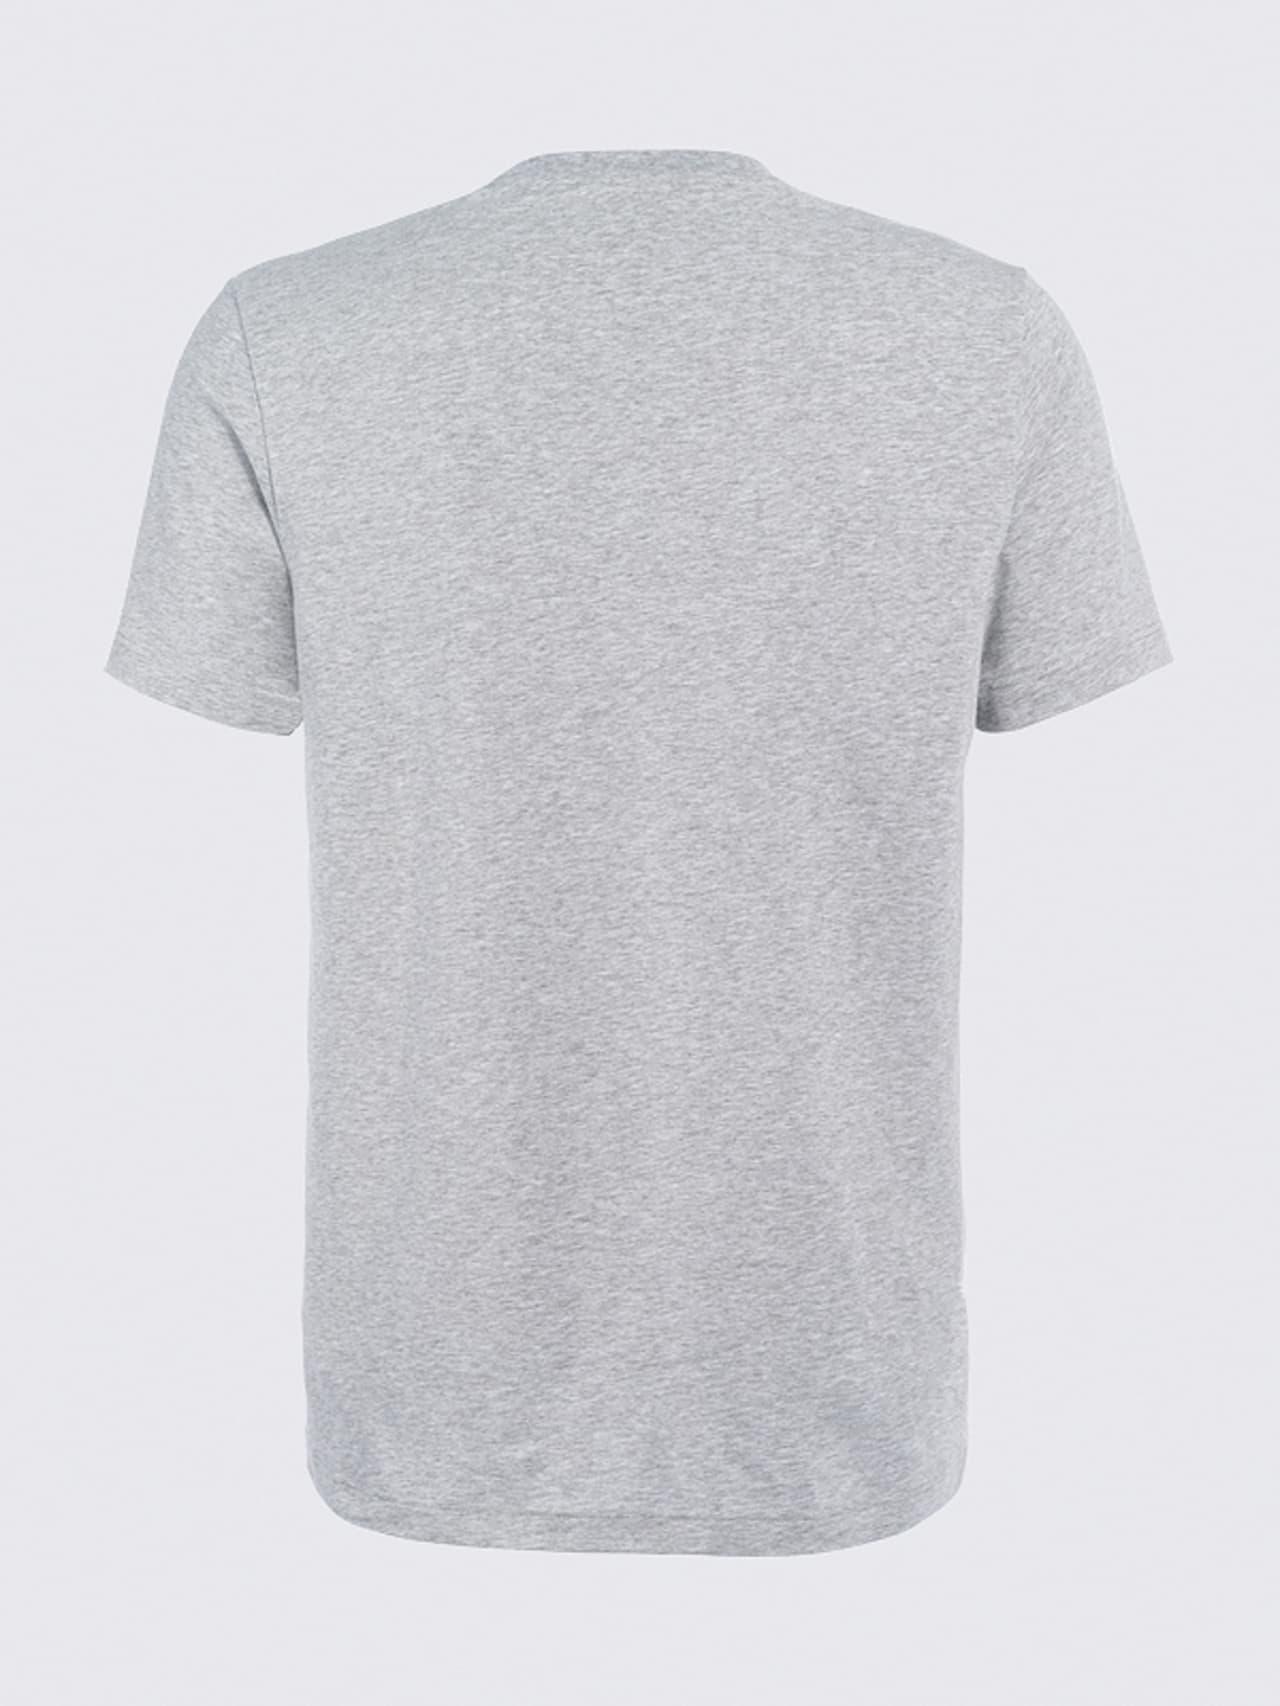 JERO V2.Y4.02 Signature Logo T-Shirt grey / melange Left Alpha Tauri